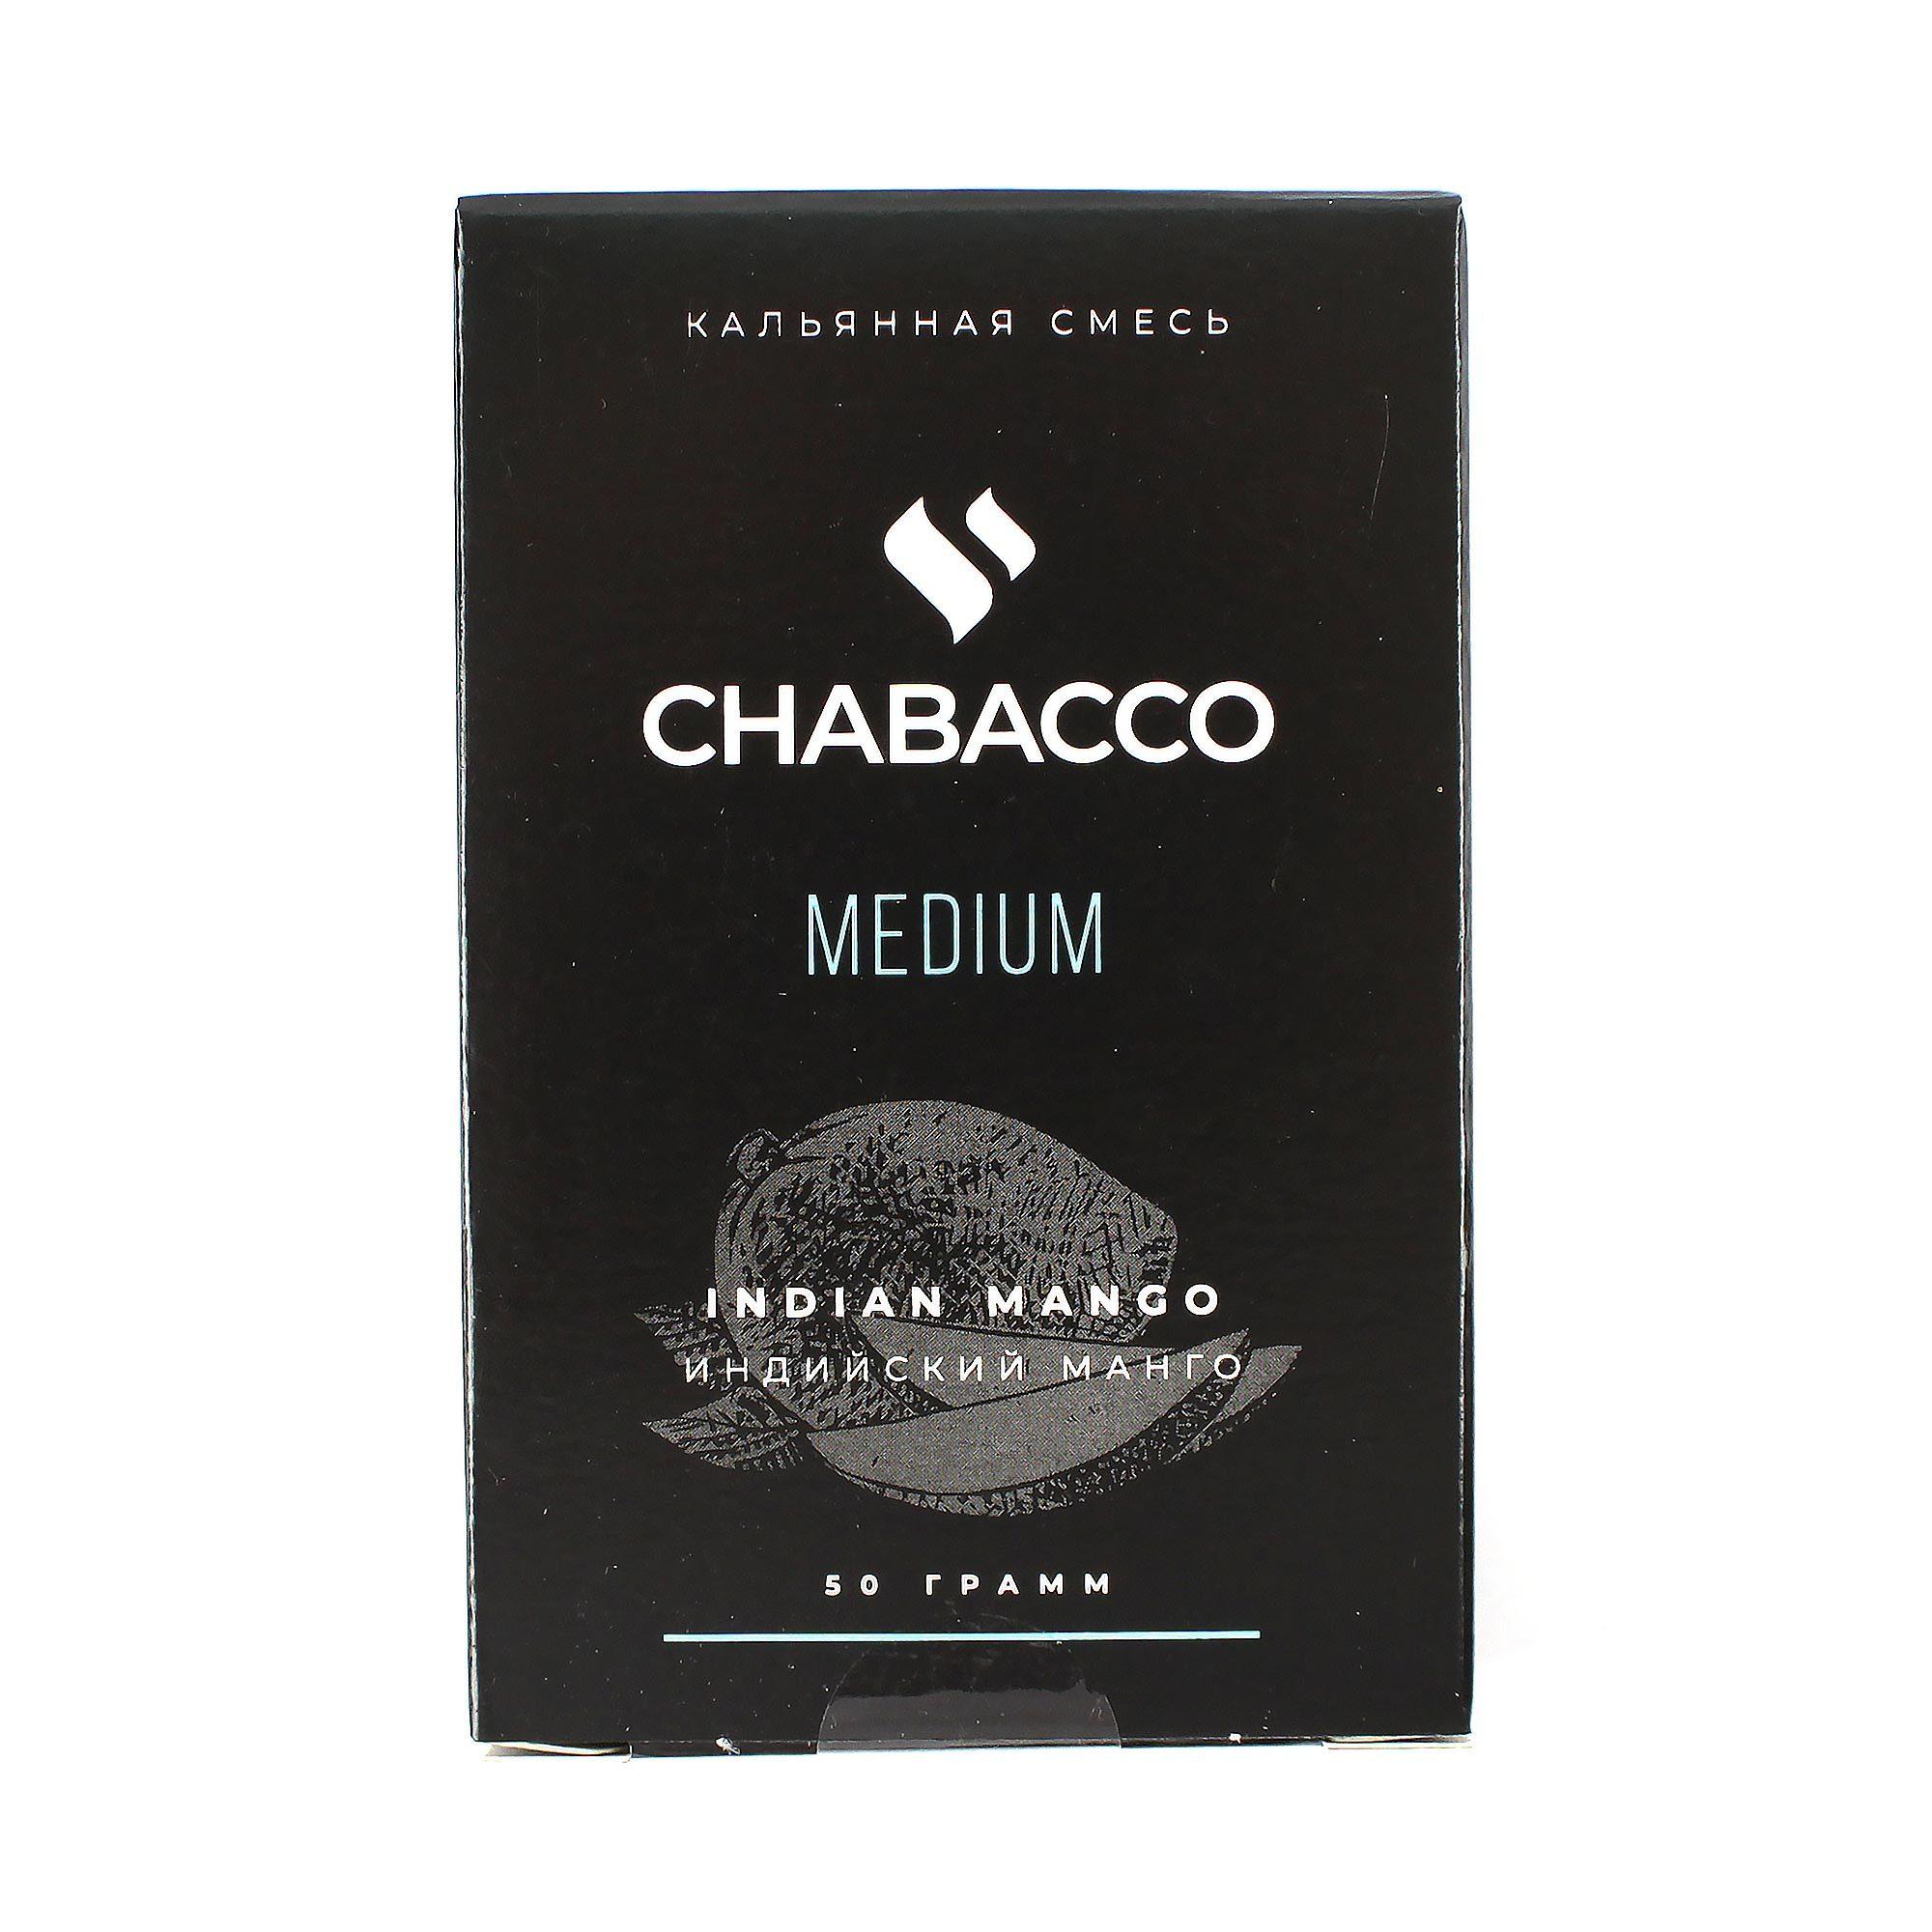 Кальянная смесь Chabacco Medium 50 гр Indian Mango